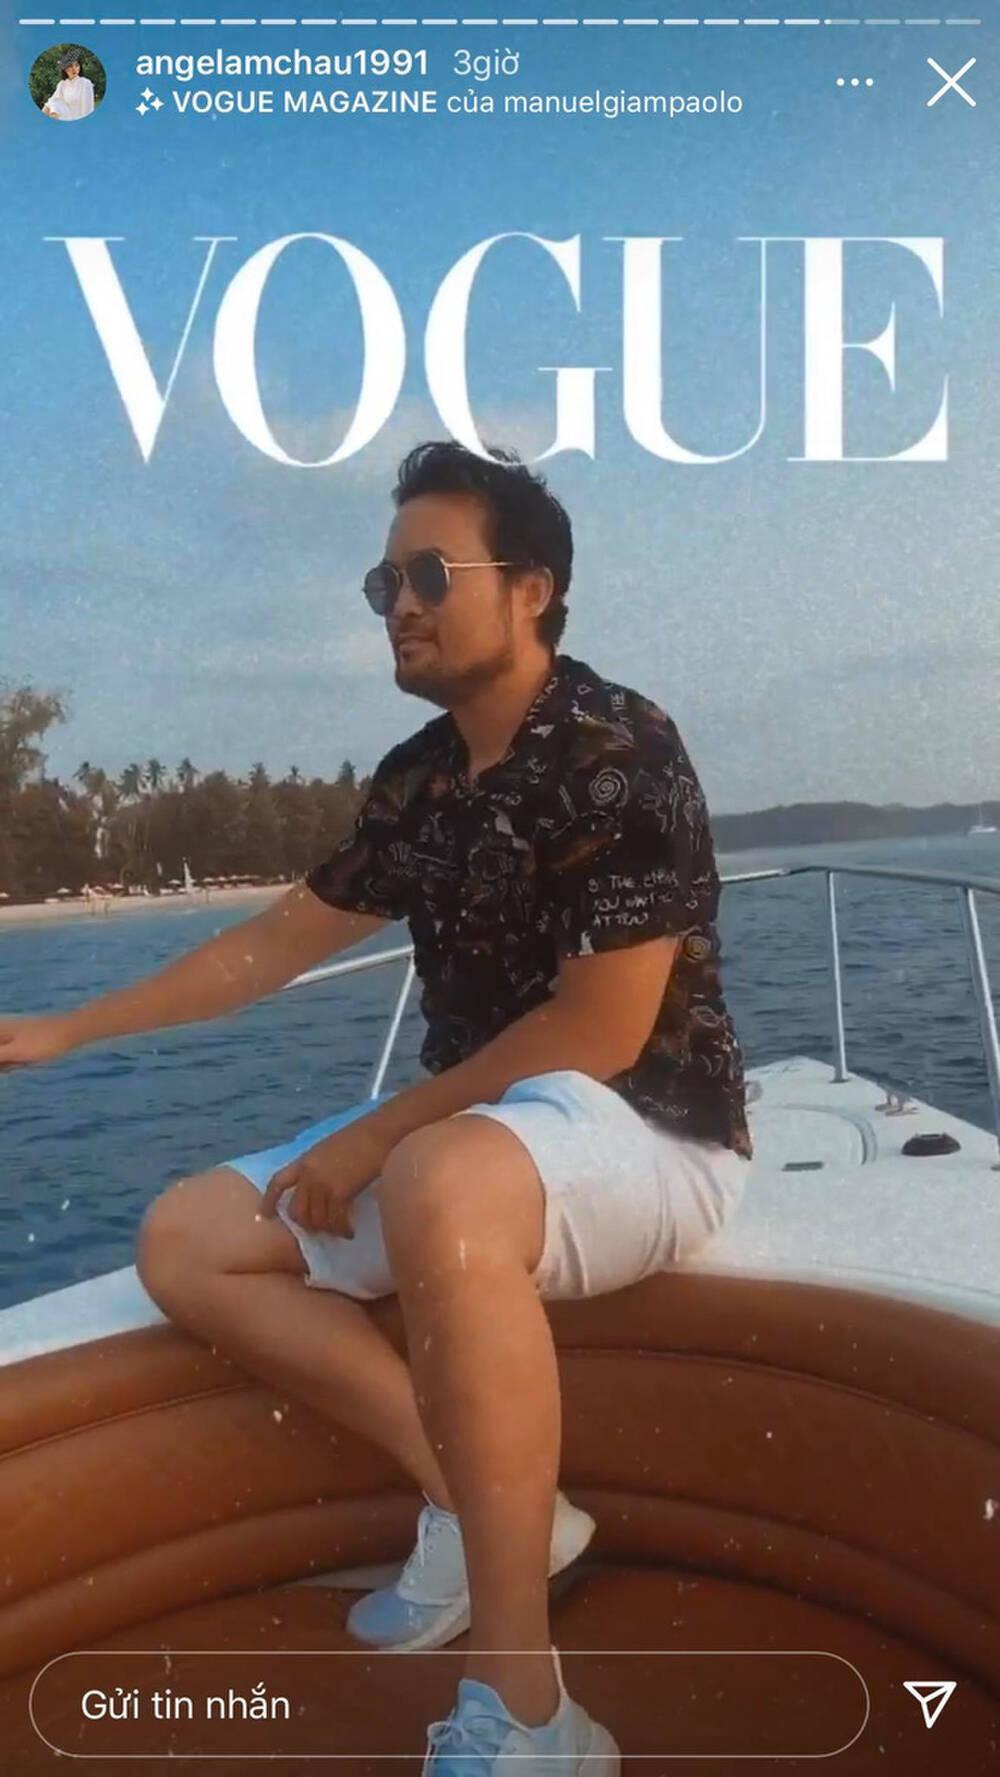 'Phạm Băng Băng phiên bản Việt' khoe chồng đại gia hơn 15 tuổi đầy điển trai Ảnh 4